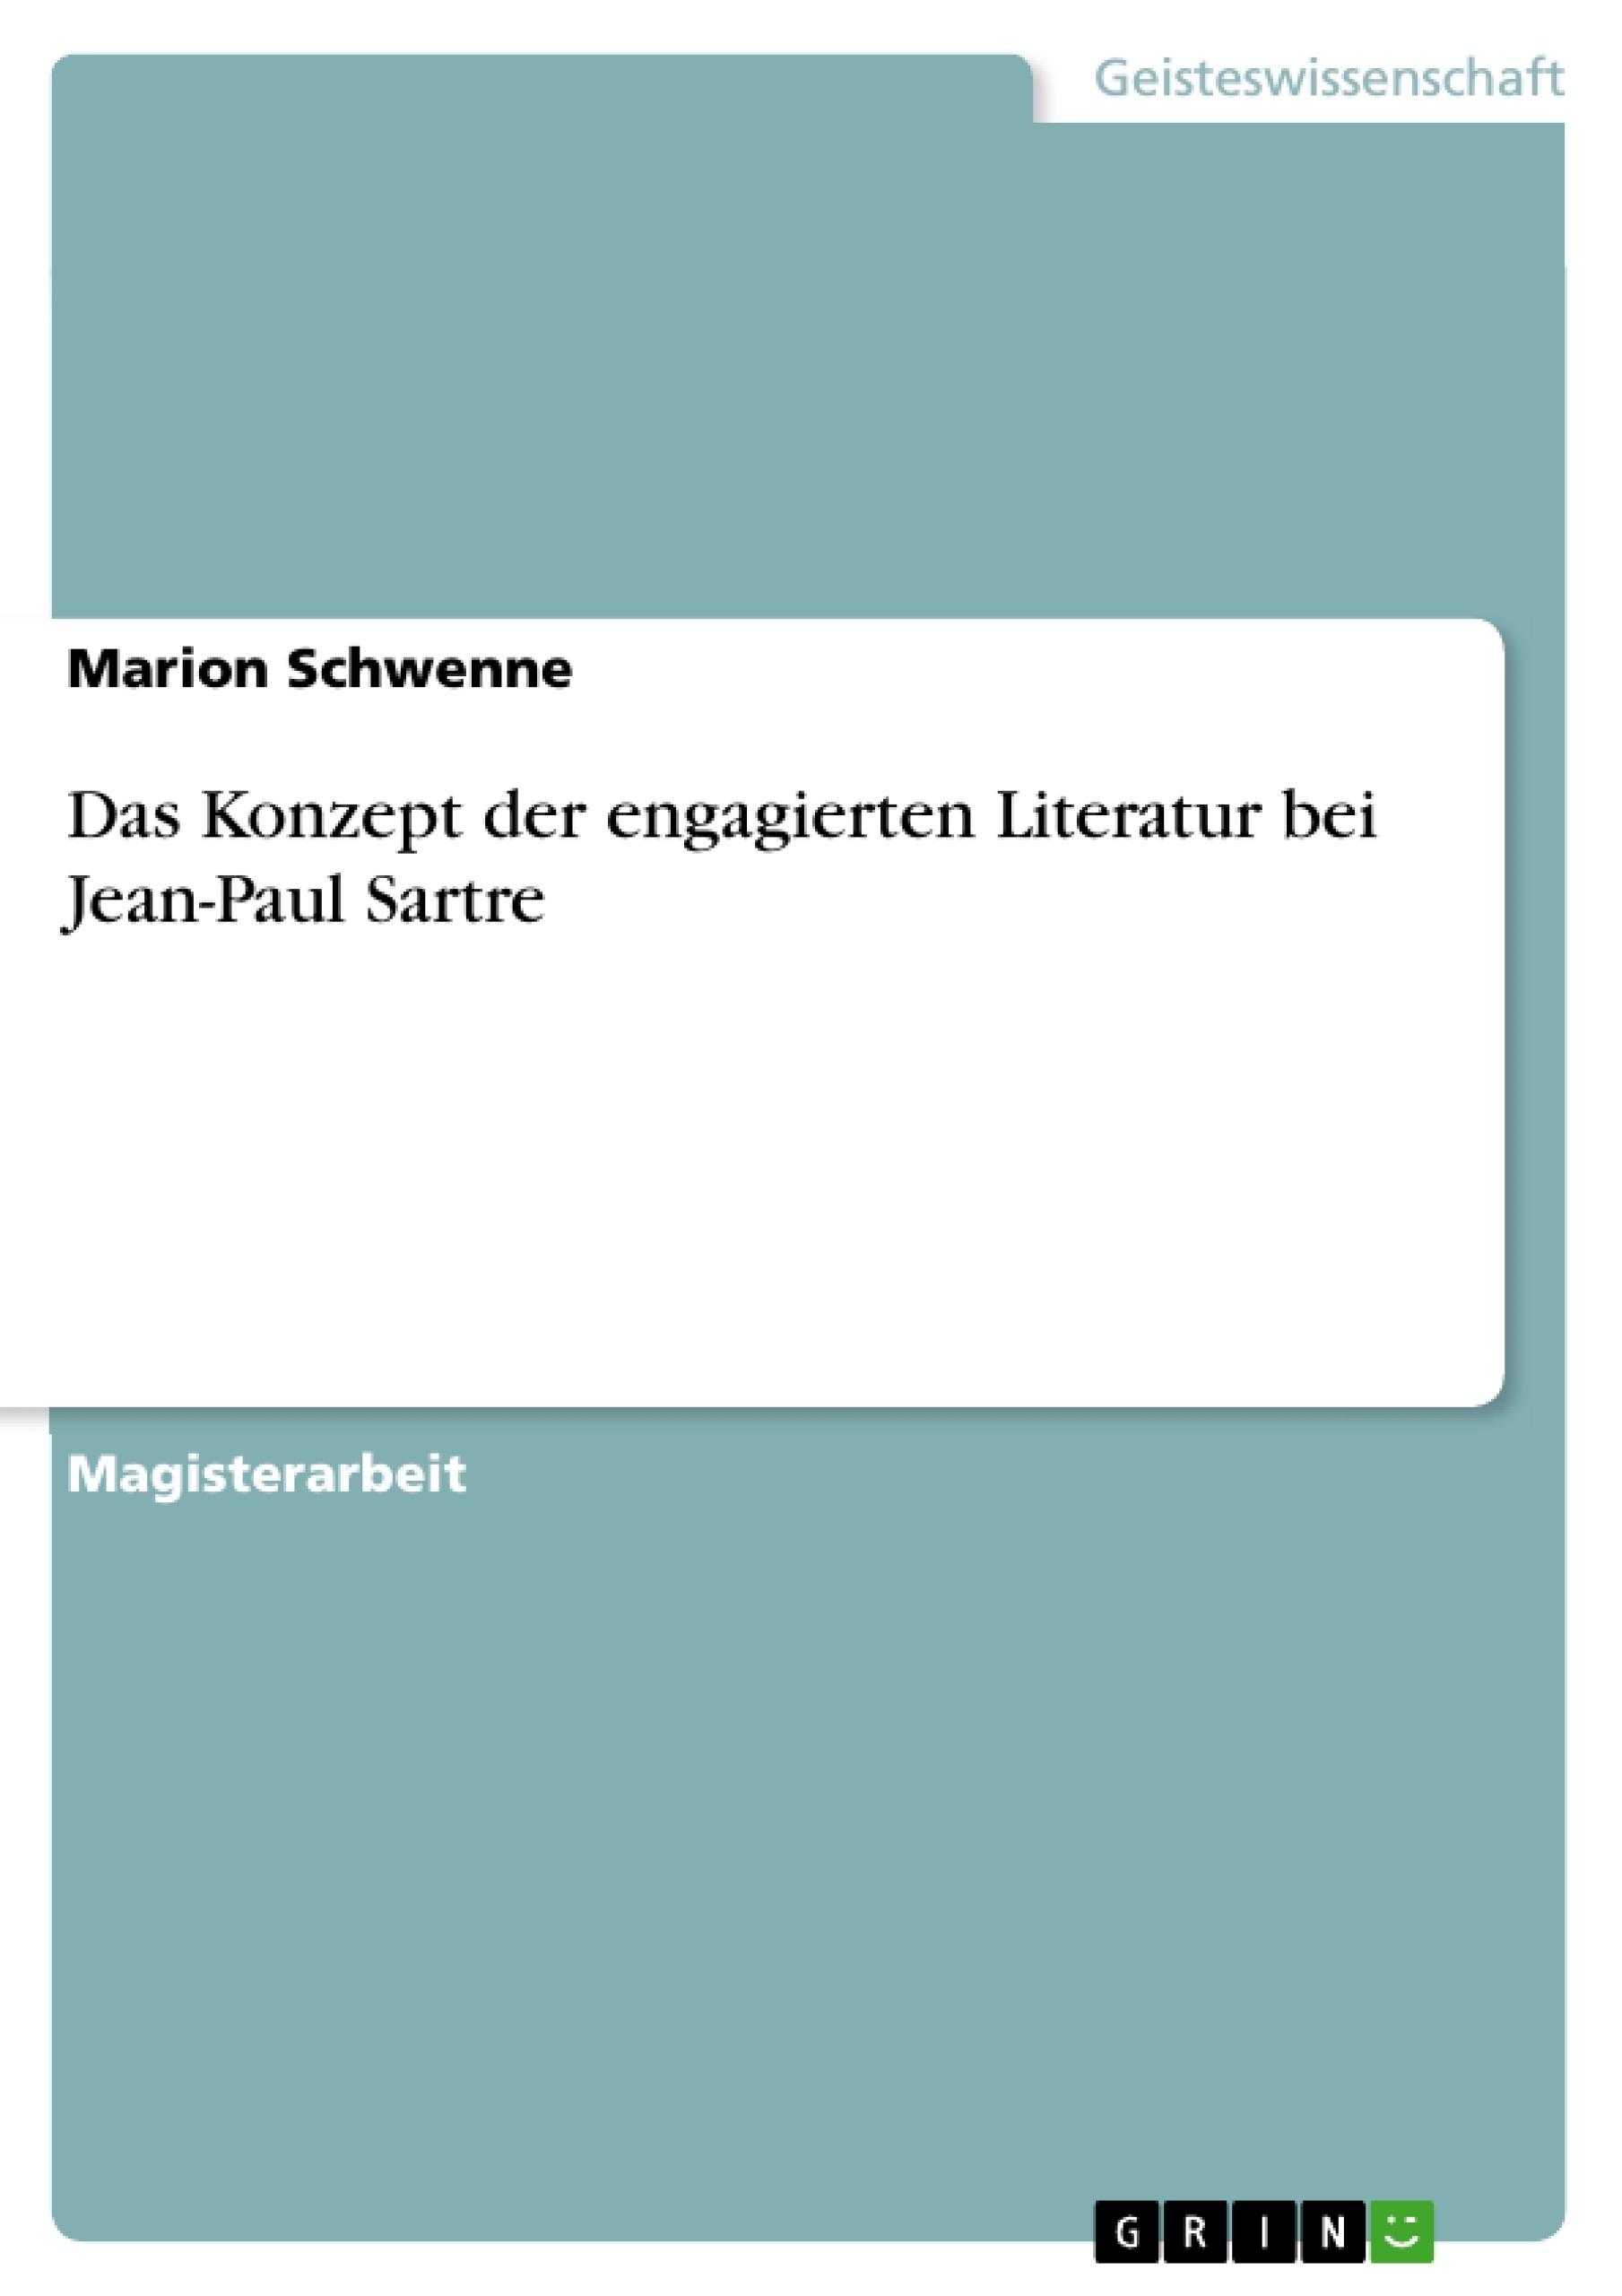 Titel: Das Konzept der engagierten Literatur bei Jean-Paul Sartre